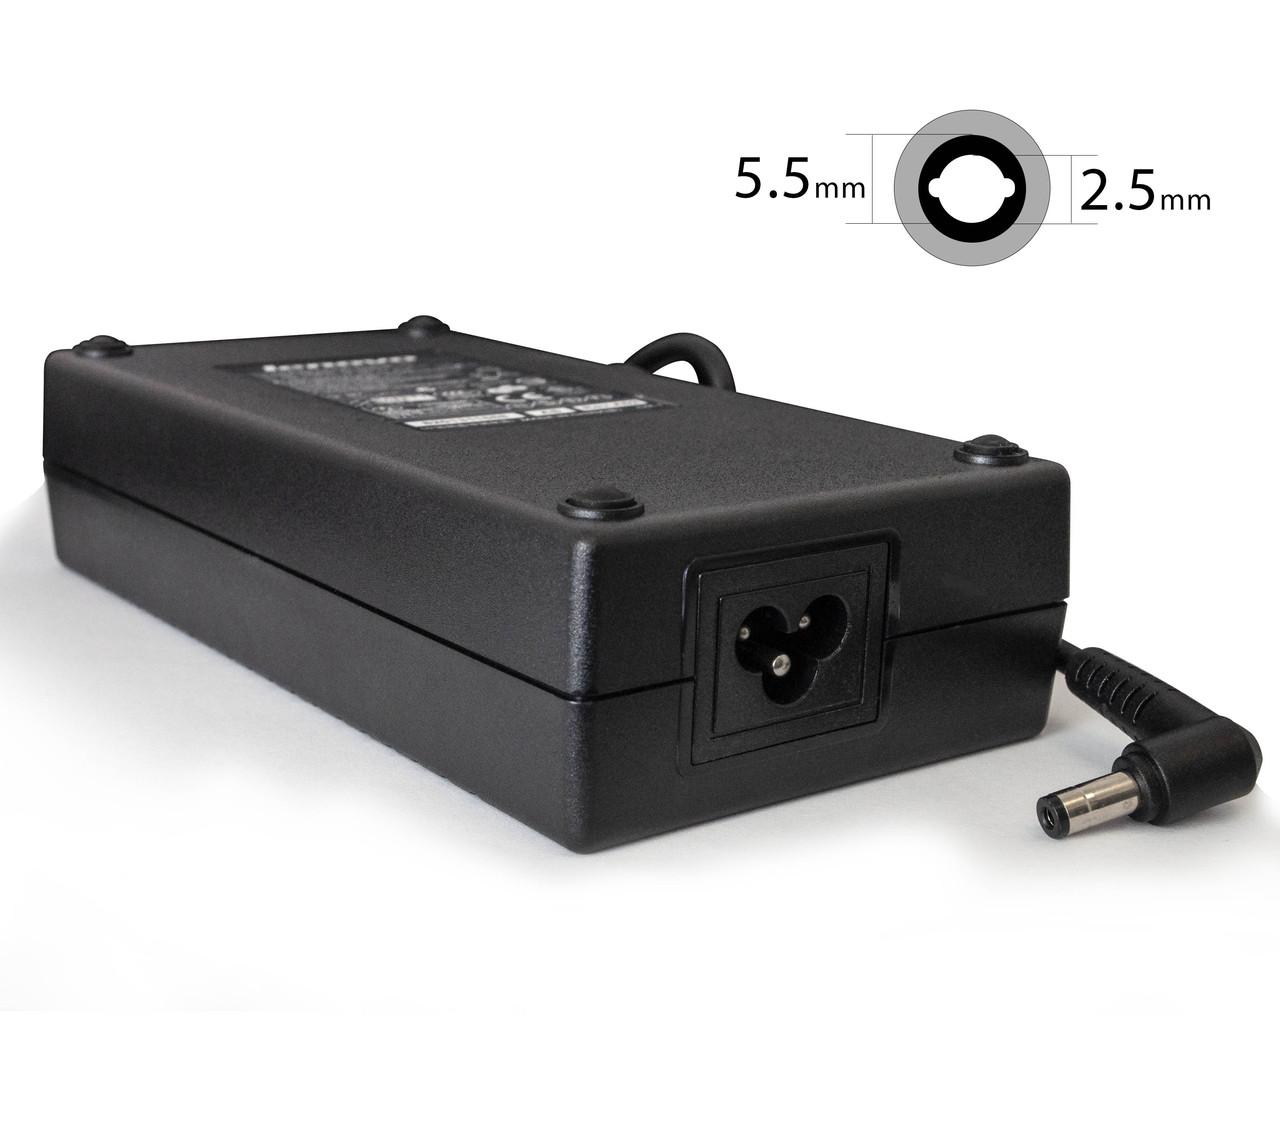 Блок питания для ноутбука Lenovo 20V 8.5A 170W 5.5x2.5мм без каб.пит. (AD107011) bulk